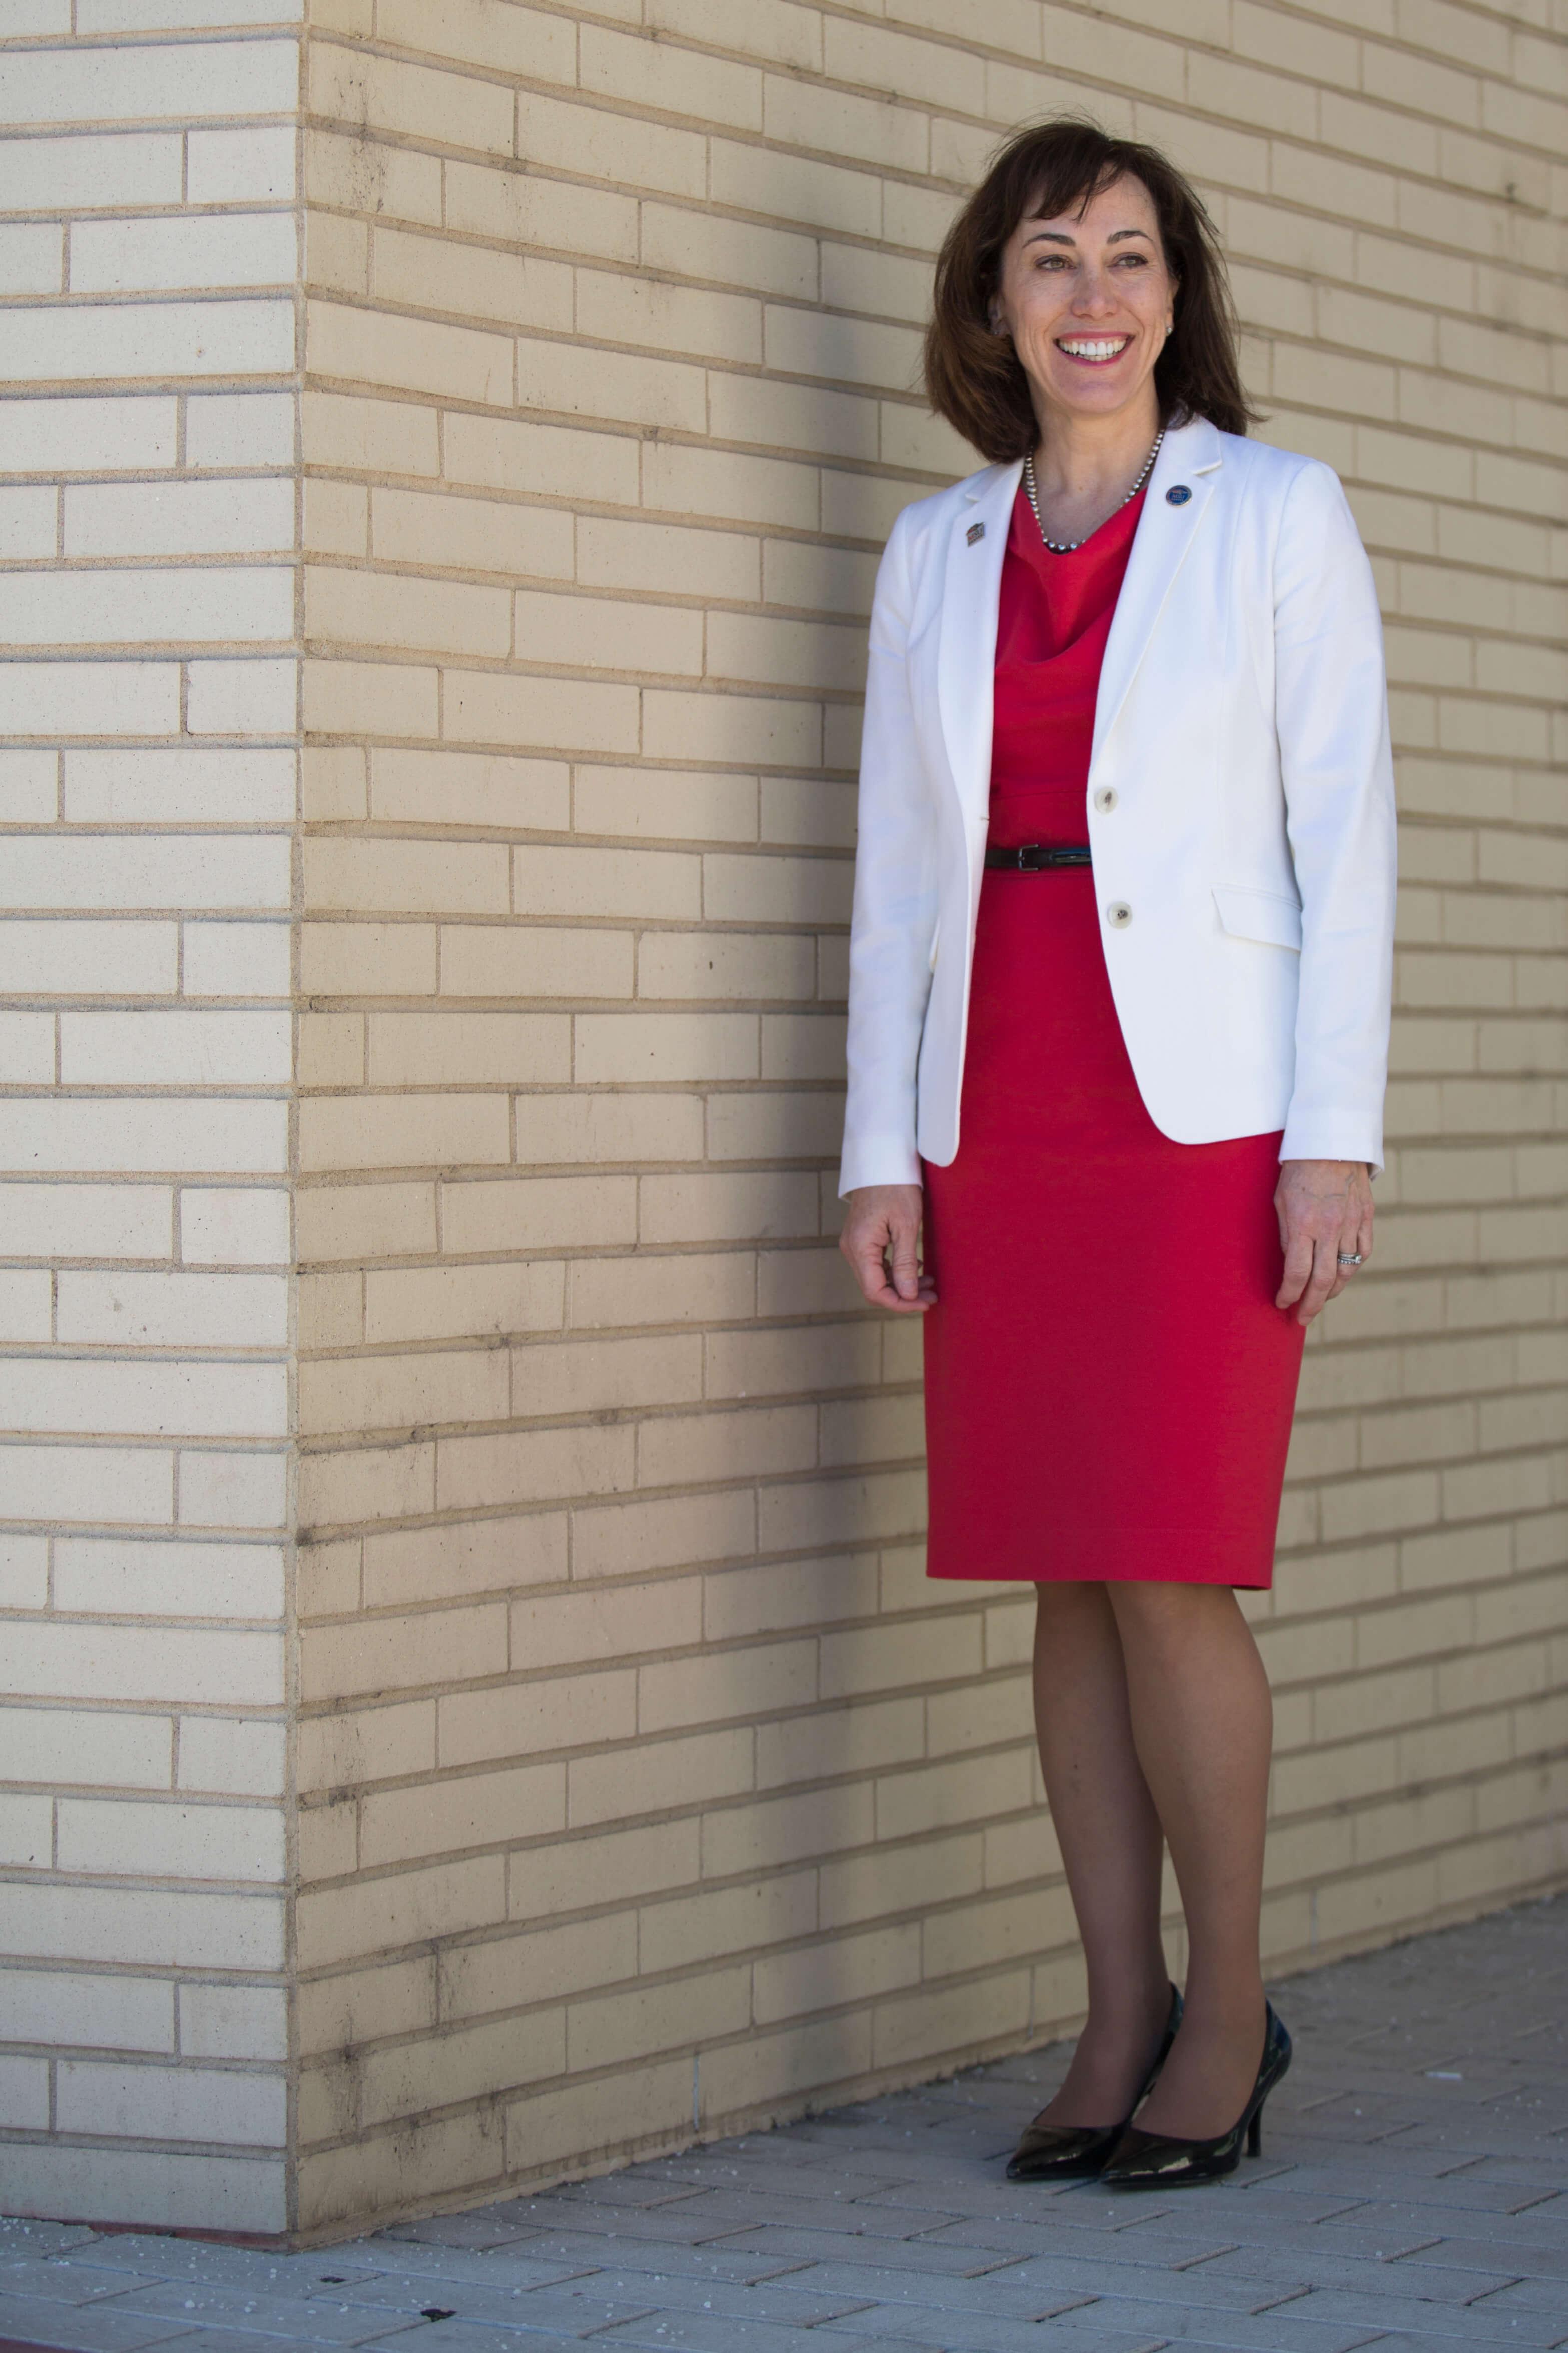 Dr. Janine Davidson